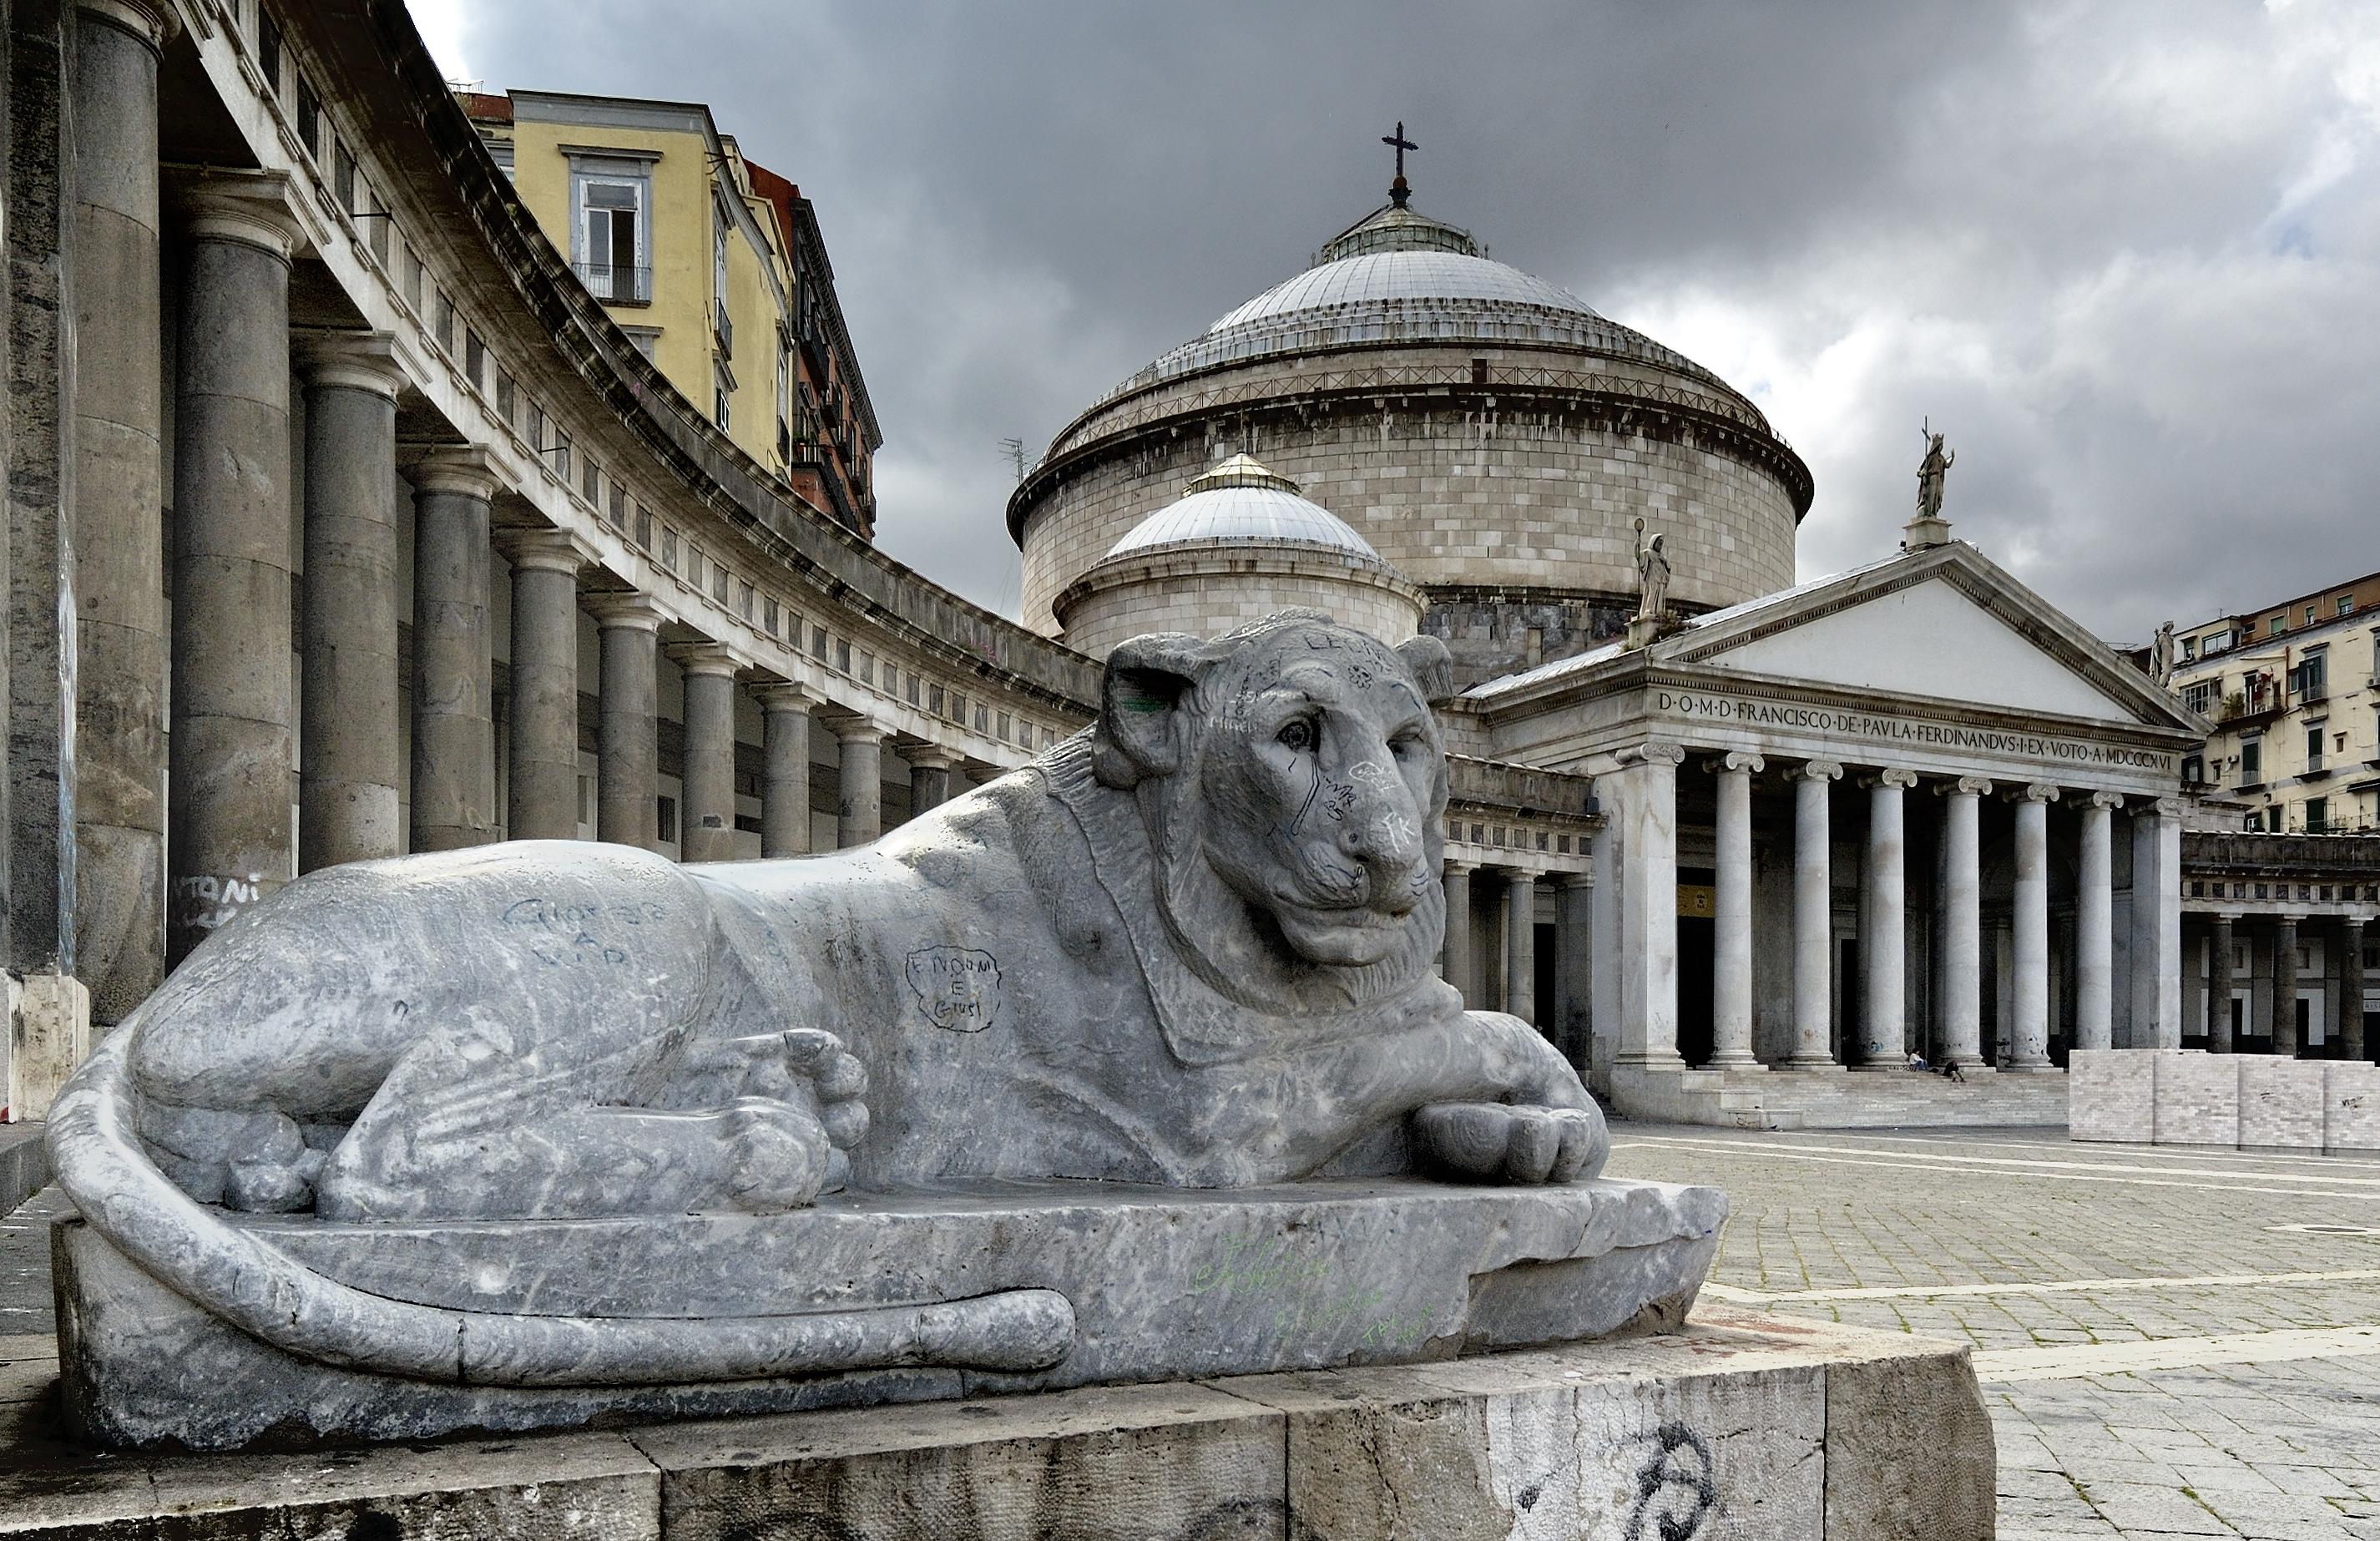 Una superstición entre los monumentos más famosos de Nápoles - Italia Circuito Italia: de Venecia a Roma